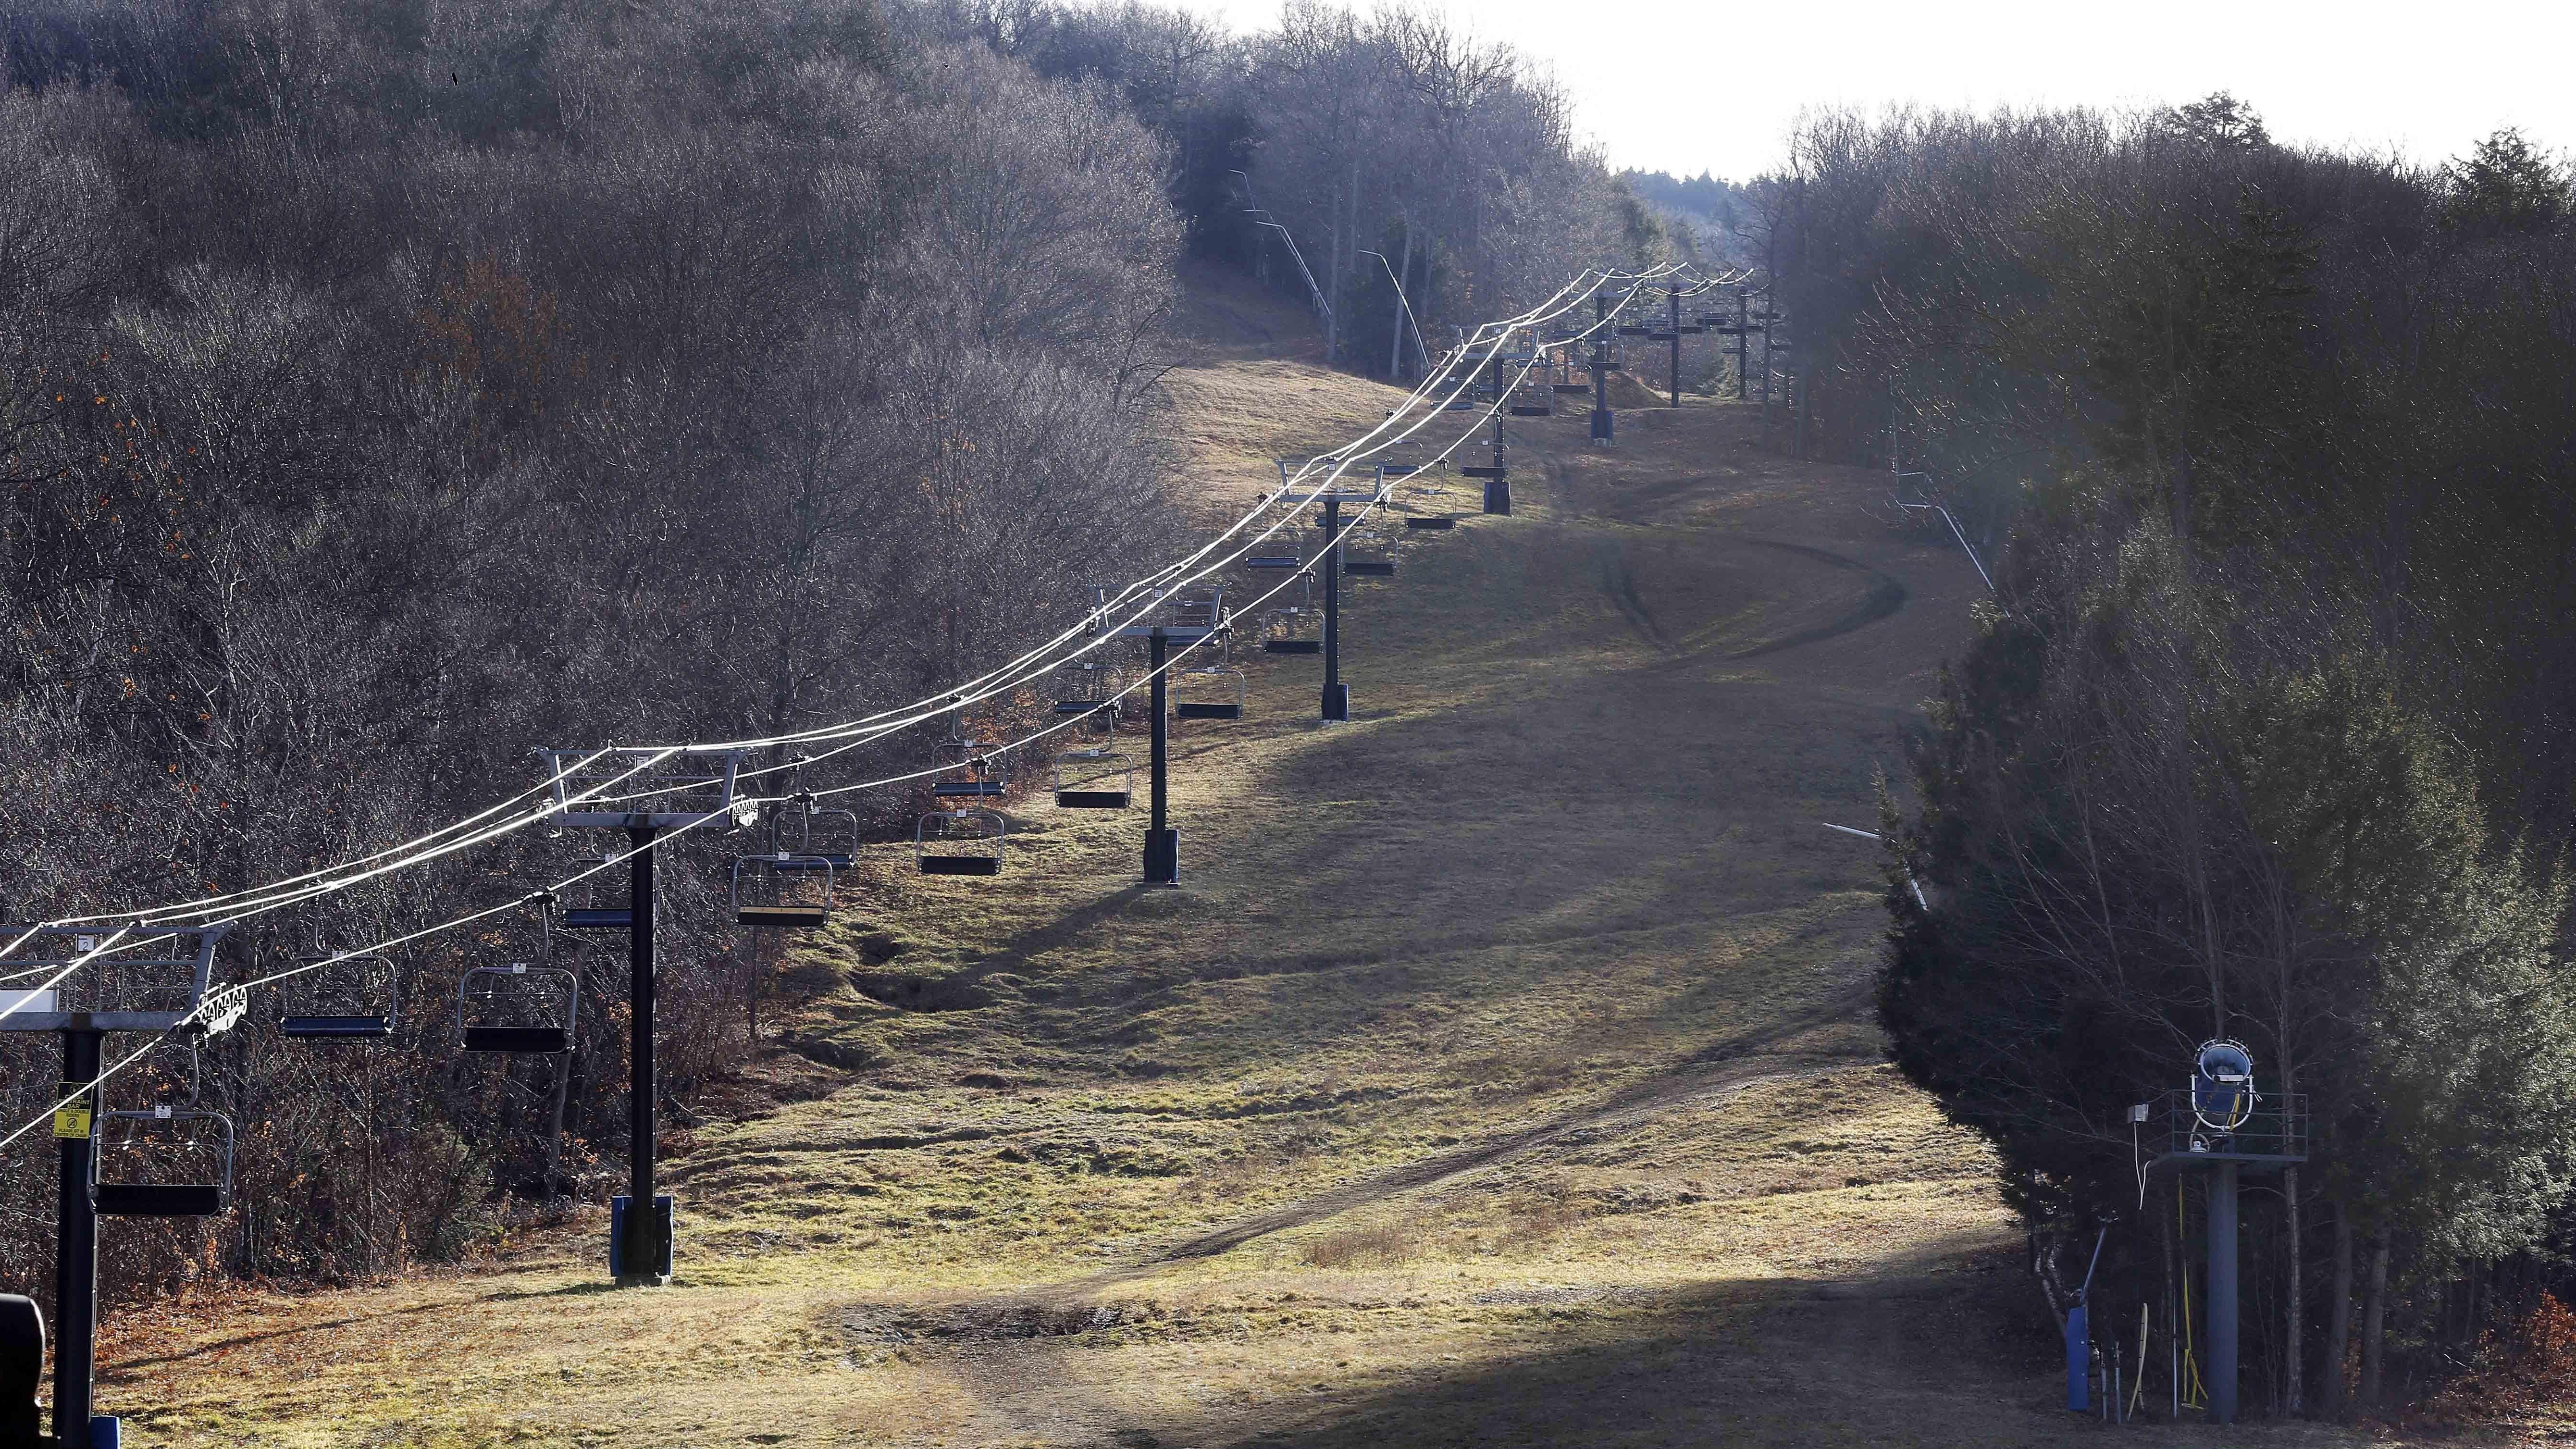 Snowless Ski Resorts Offer Hiking, Mini Golf â Or Pleas ...